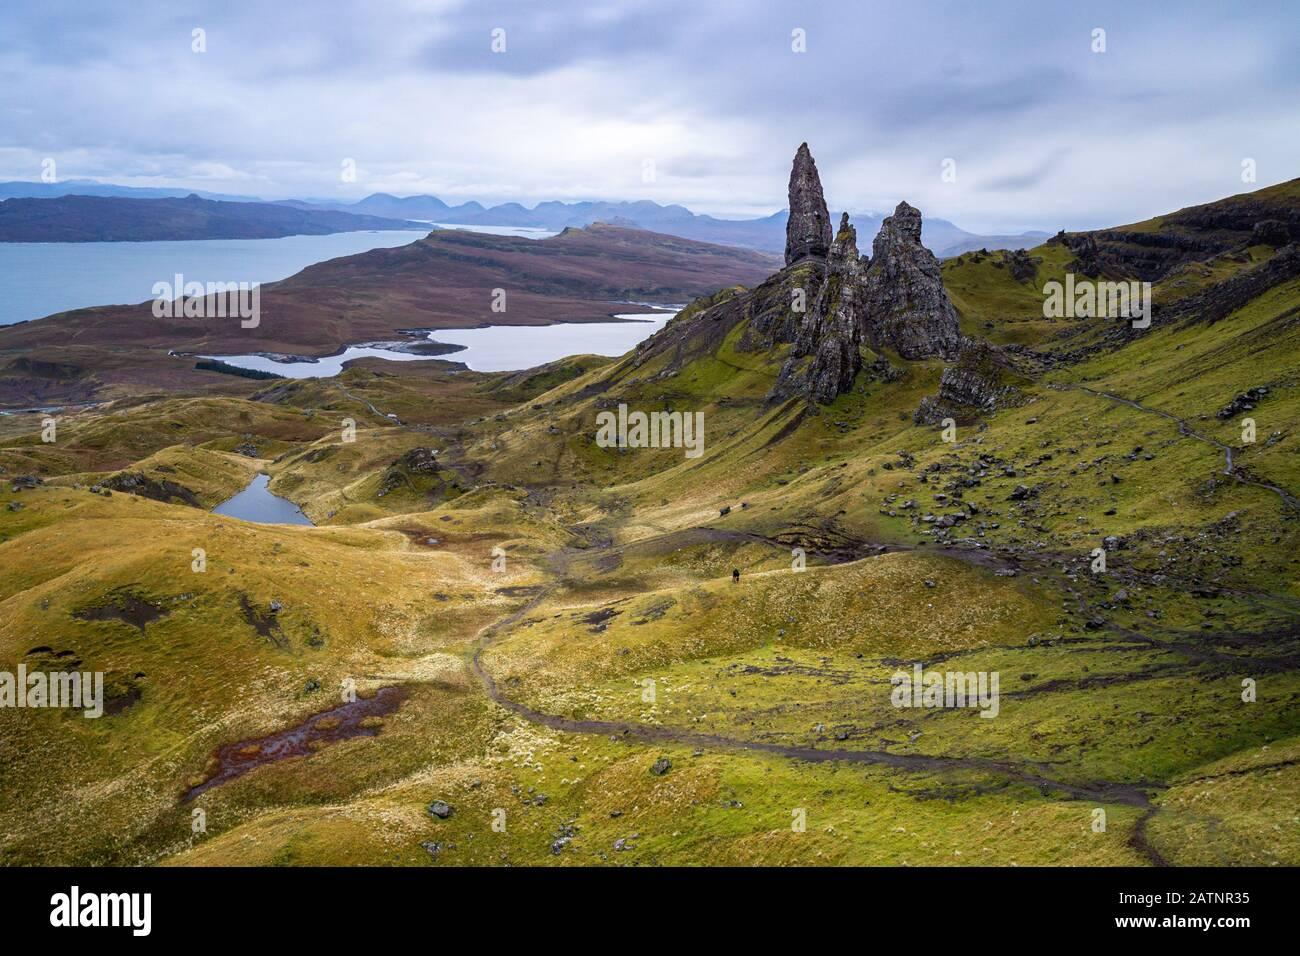 El famoso Viejo Hombre de Storr en Skye es simplemente formidable. La silueta de las dos personas en el centro de la imagen muestra la magnitud de las rocas. Foto de stock